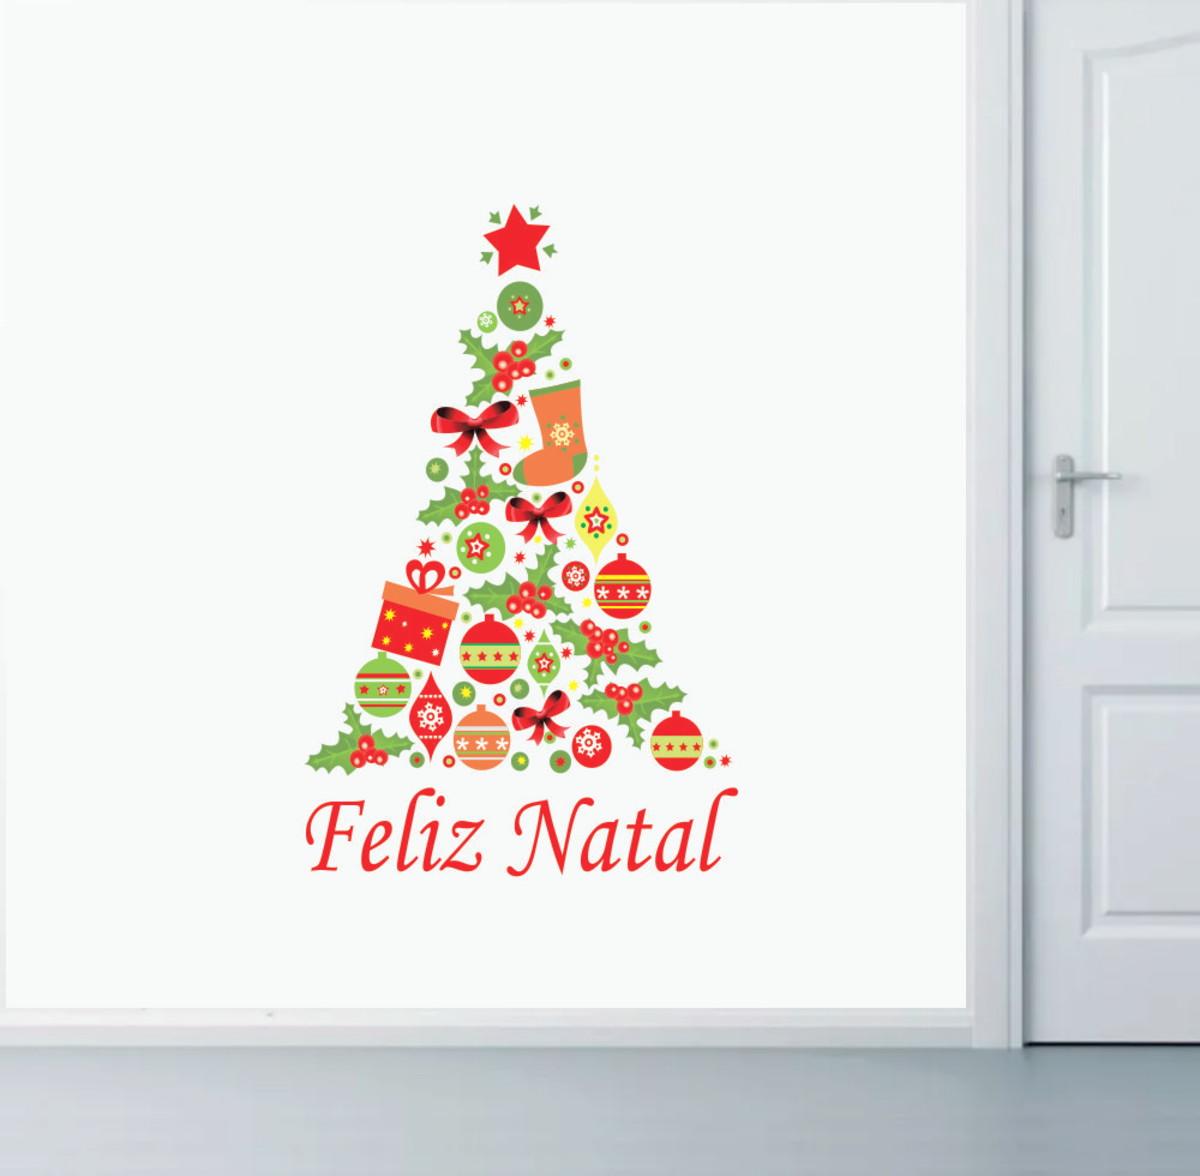 Adesivo Natalino Decoracao De Natal Arvore Feliz Natal No Elo7